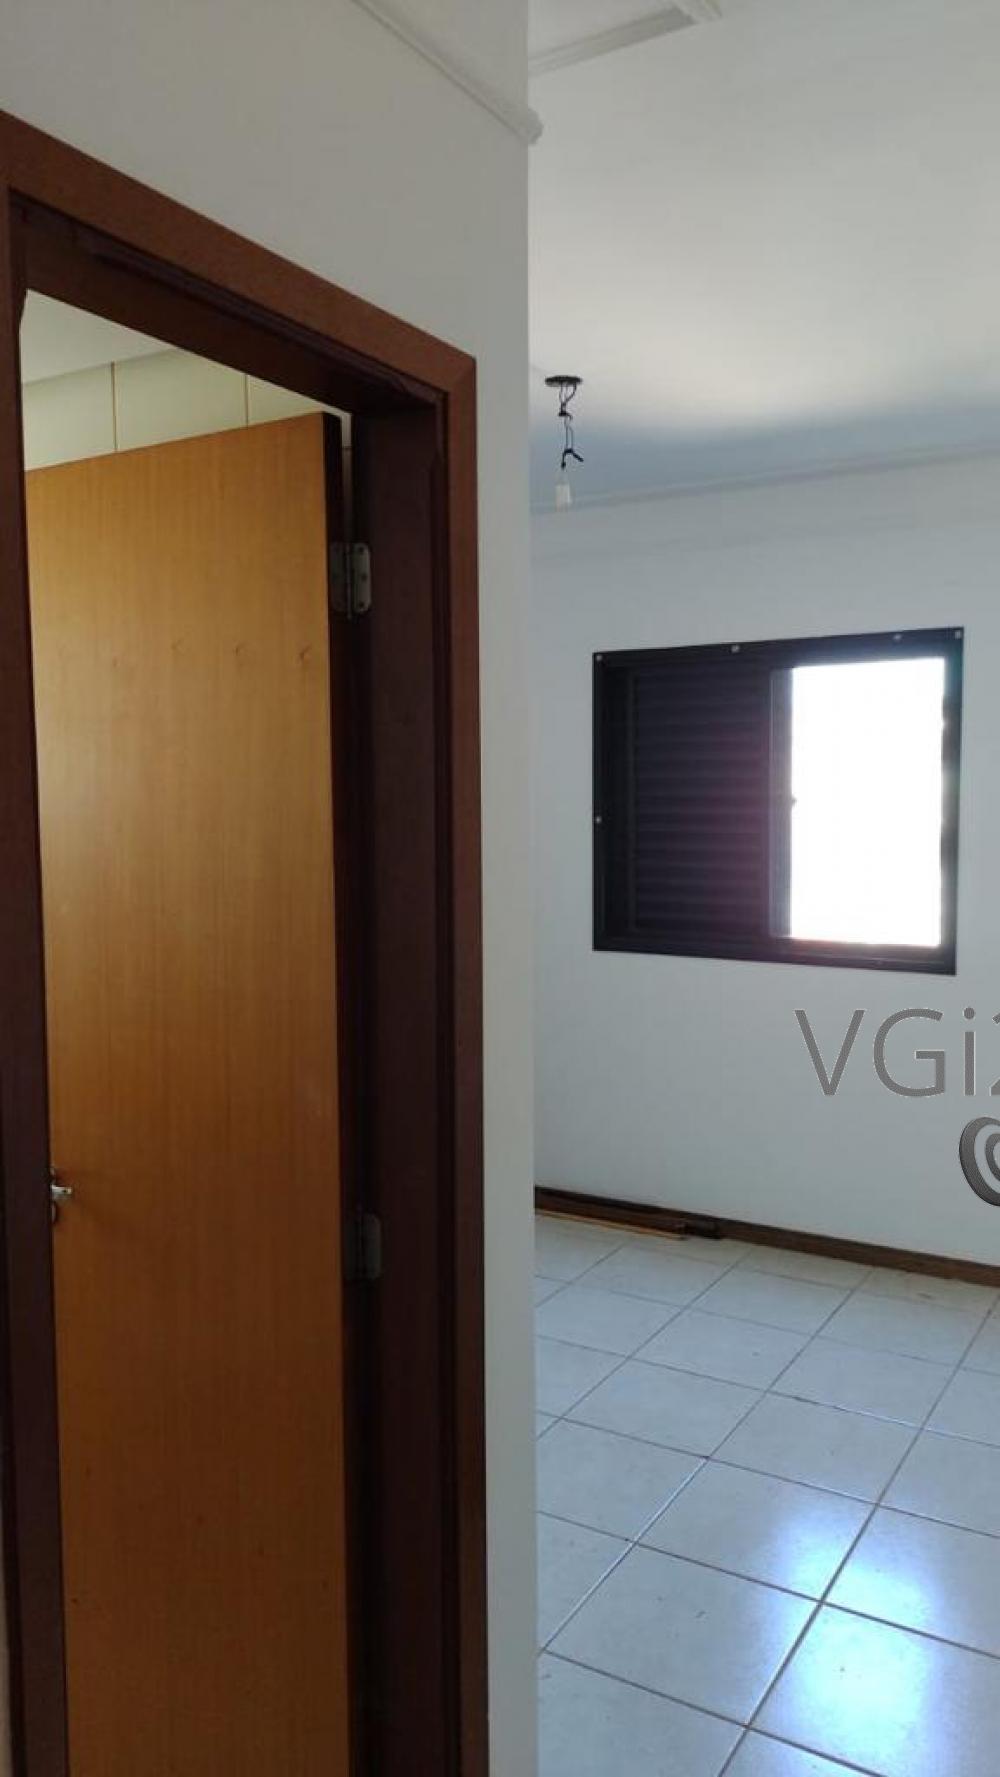 Comprar Apartamento / Padrão em Ribeirão Preto R$ 367.500,00 - Foto 11